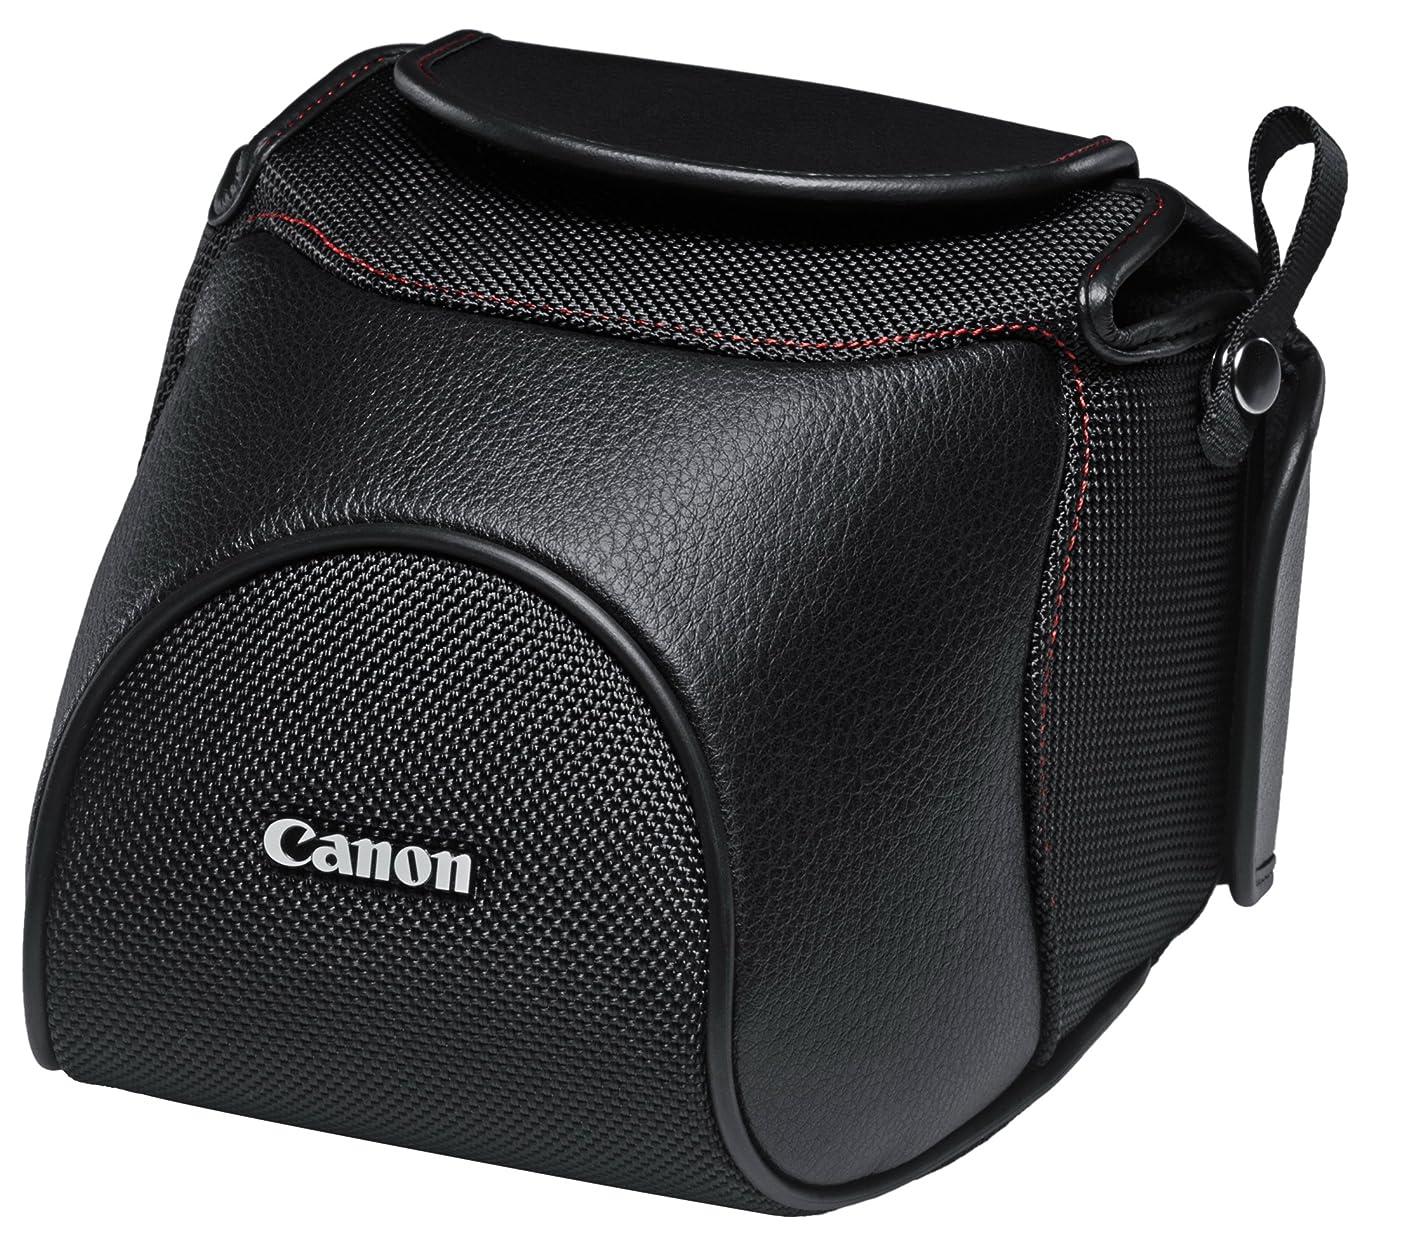 感謝祭魔法反射Canon ソフトケース (ブラック) CSC-300BK